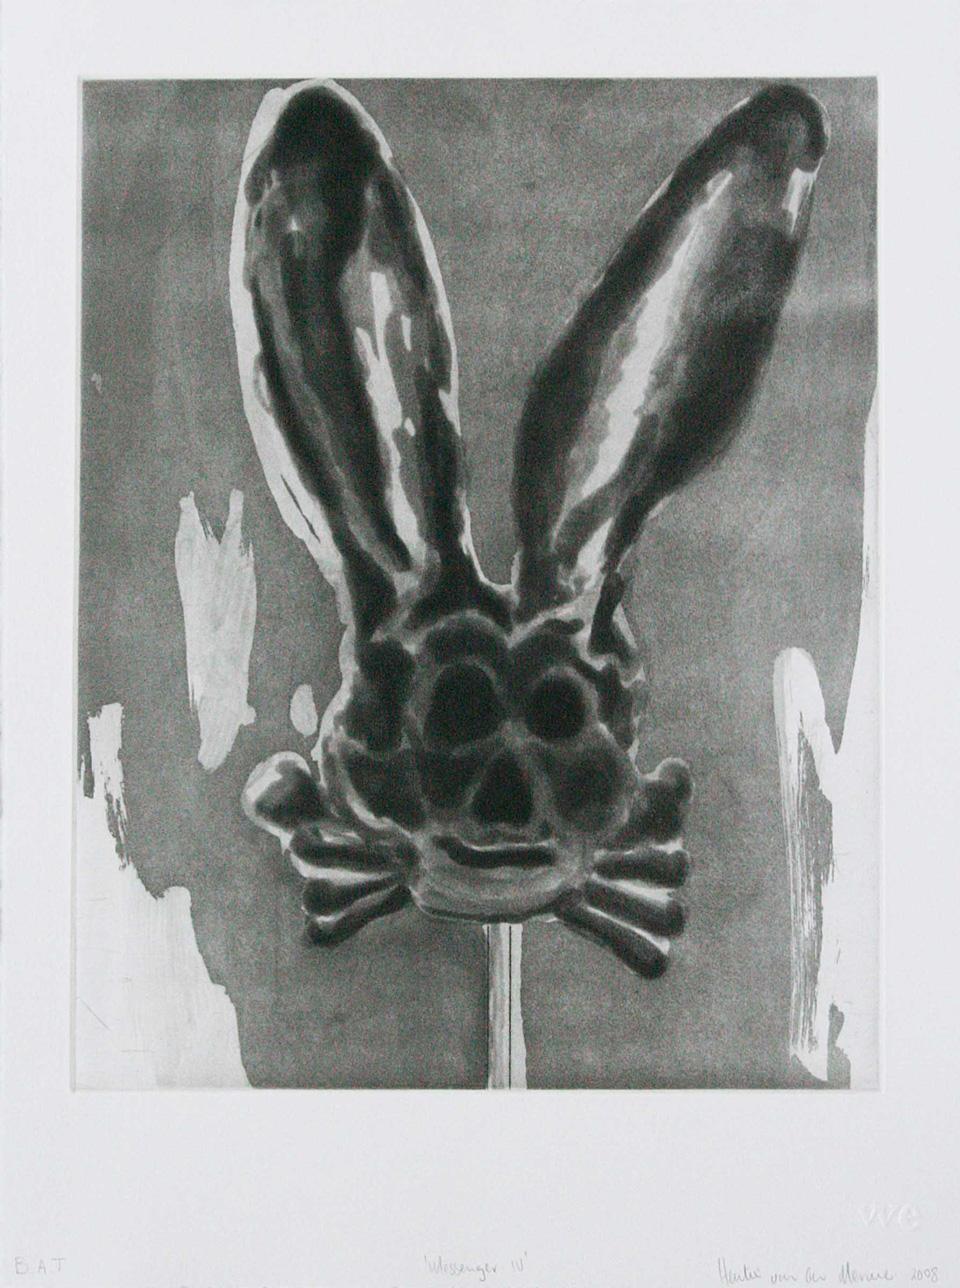 Hentie van der Merwe, Messenger IV, Prints